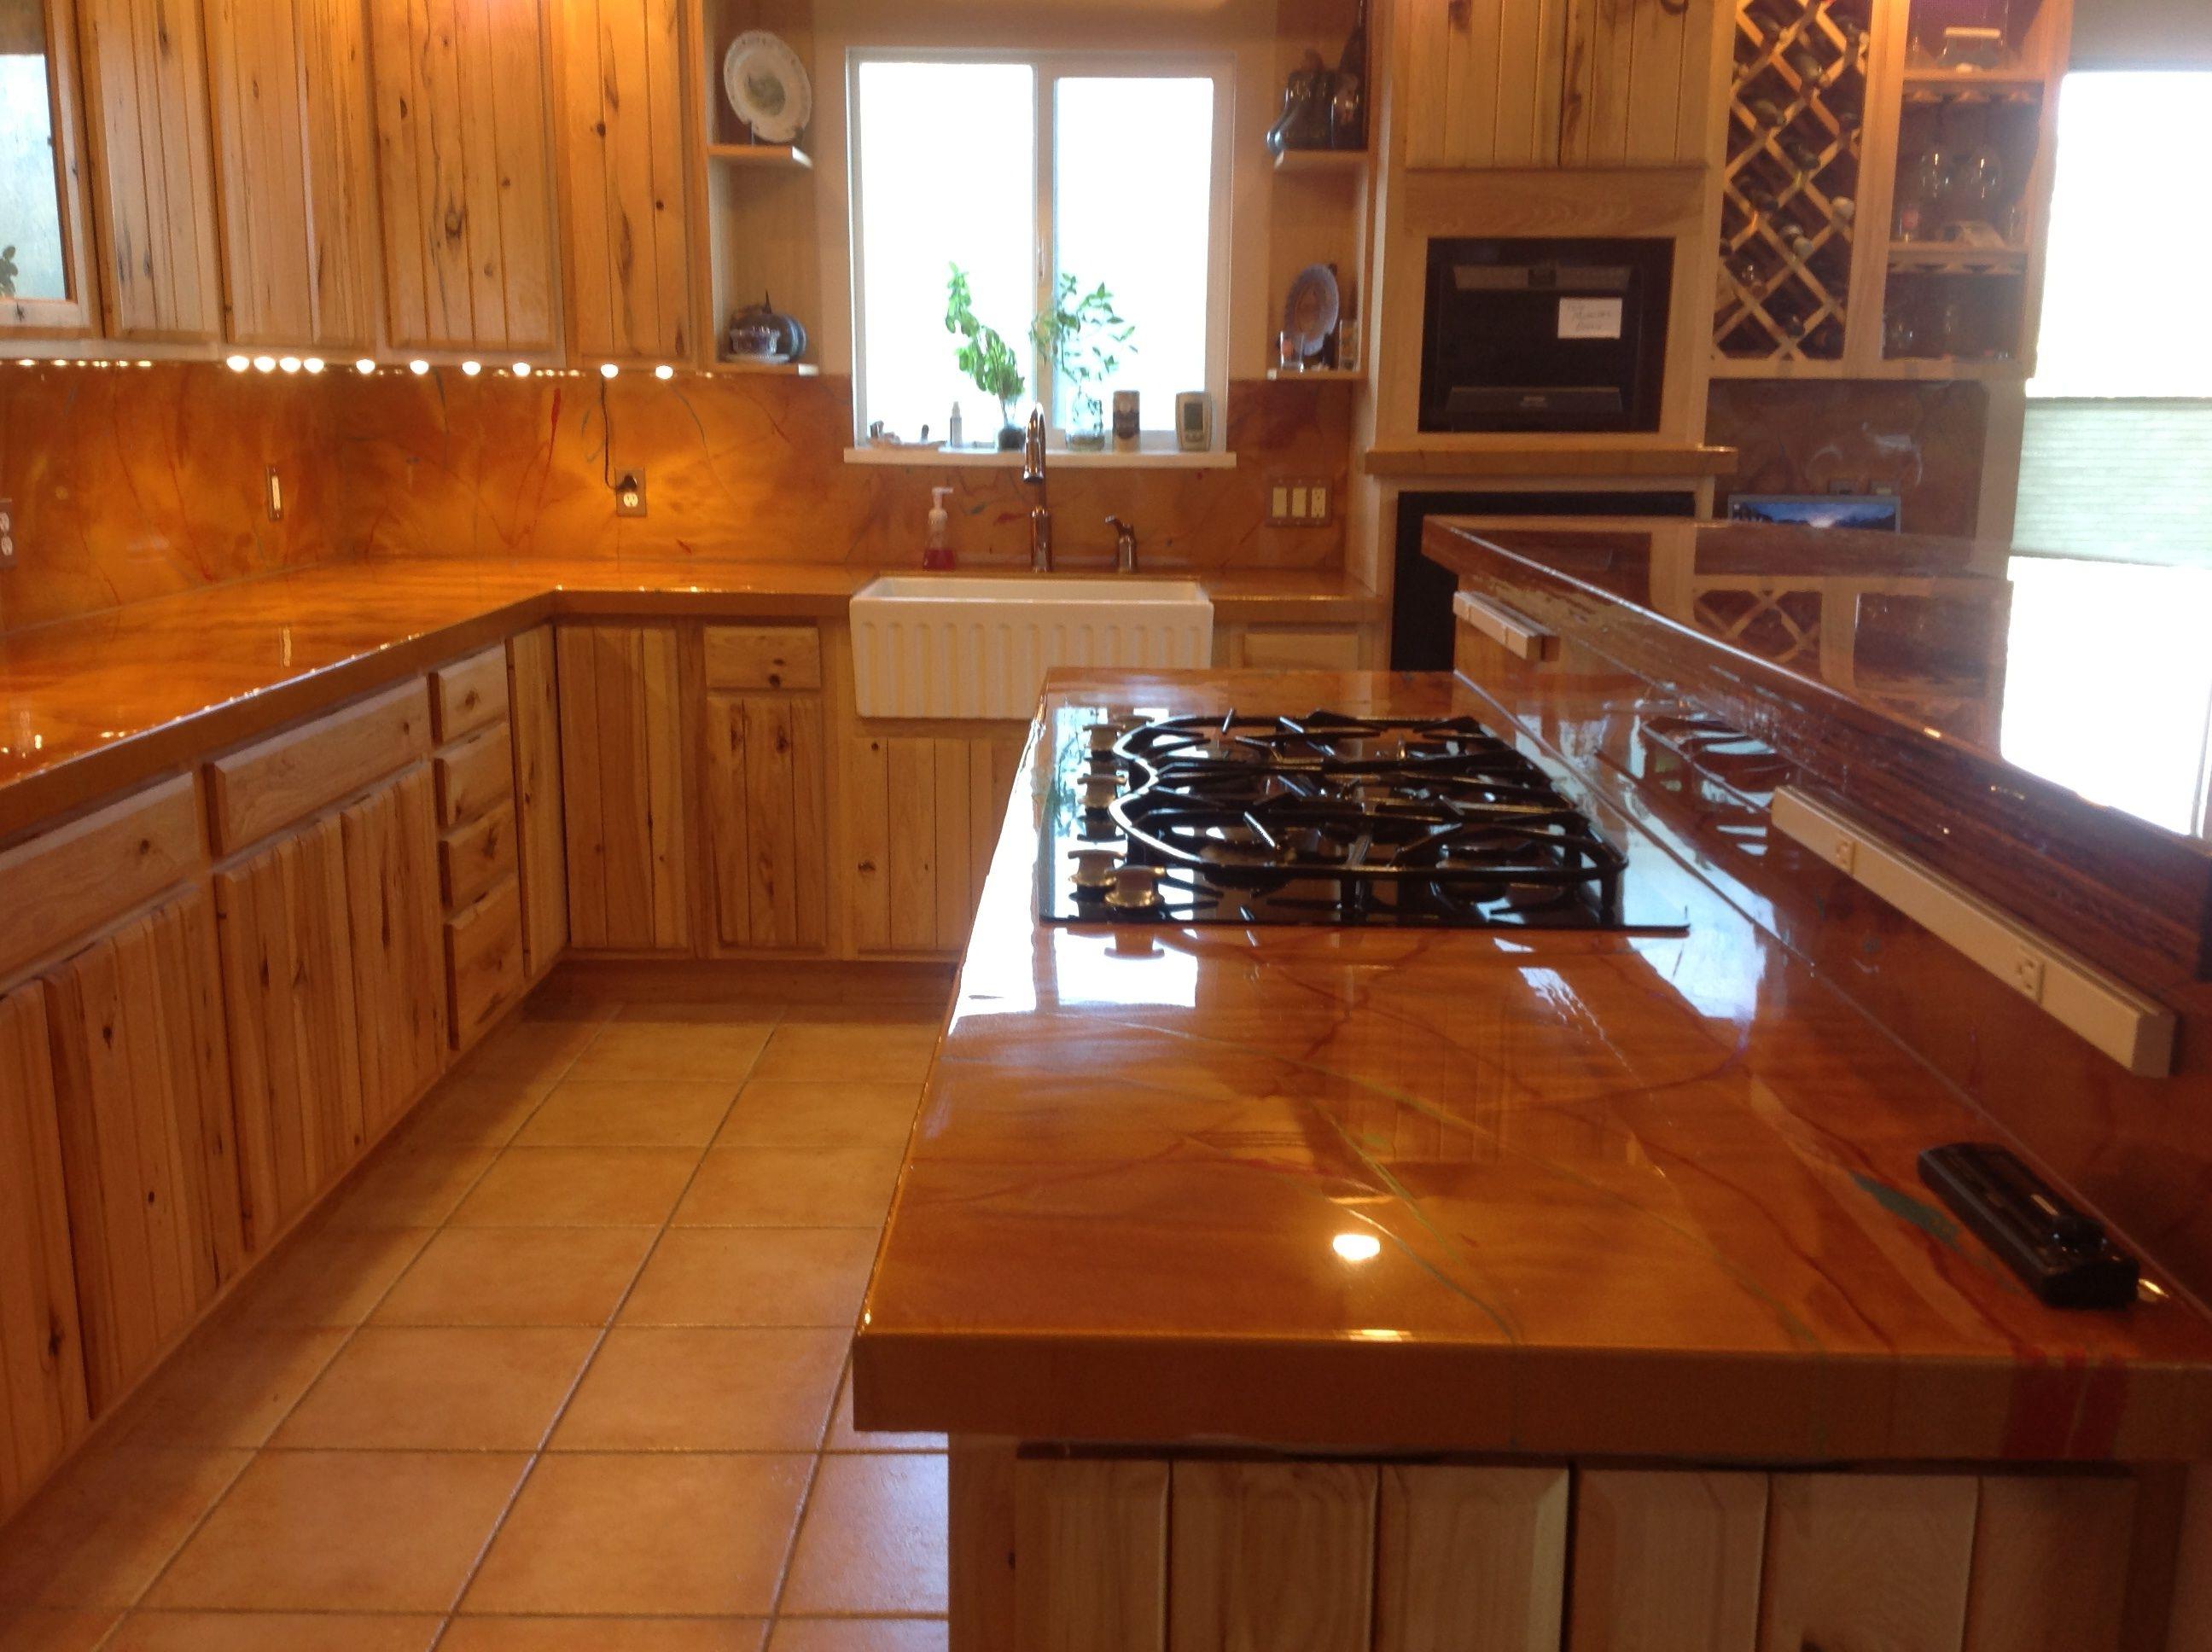 Wood Laminate Backsplash